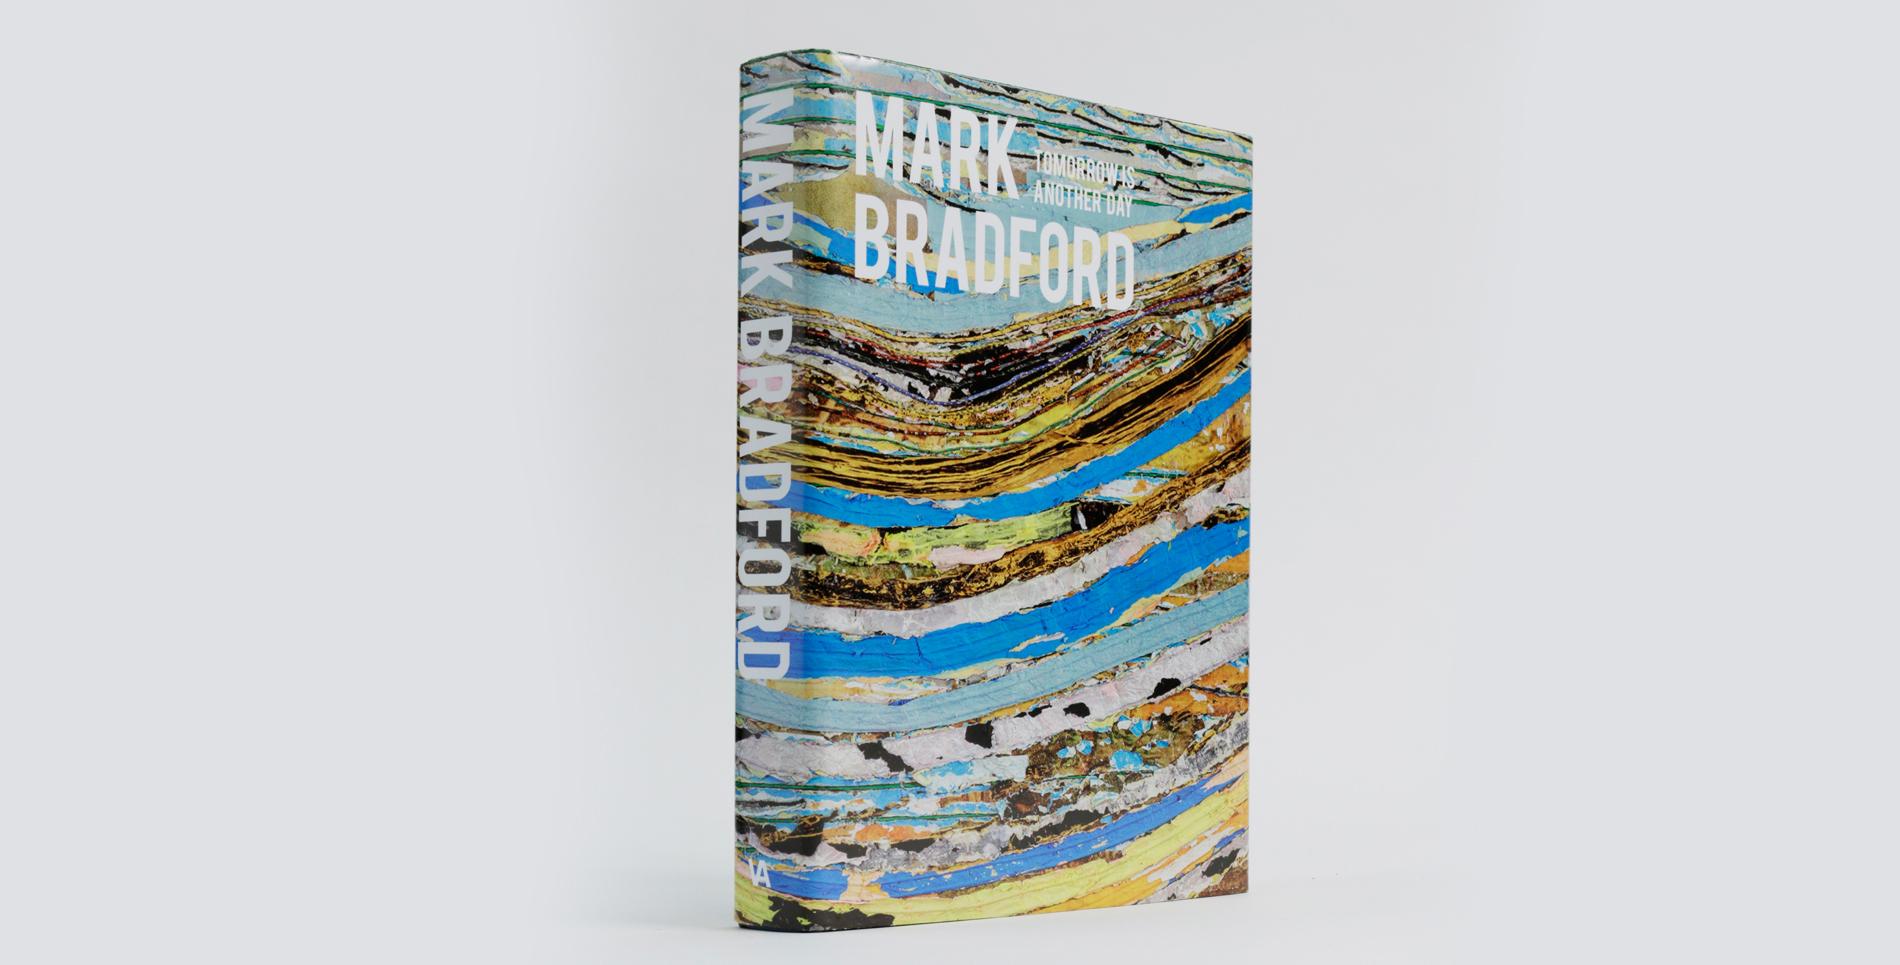 Mark Bradford book cover